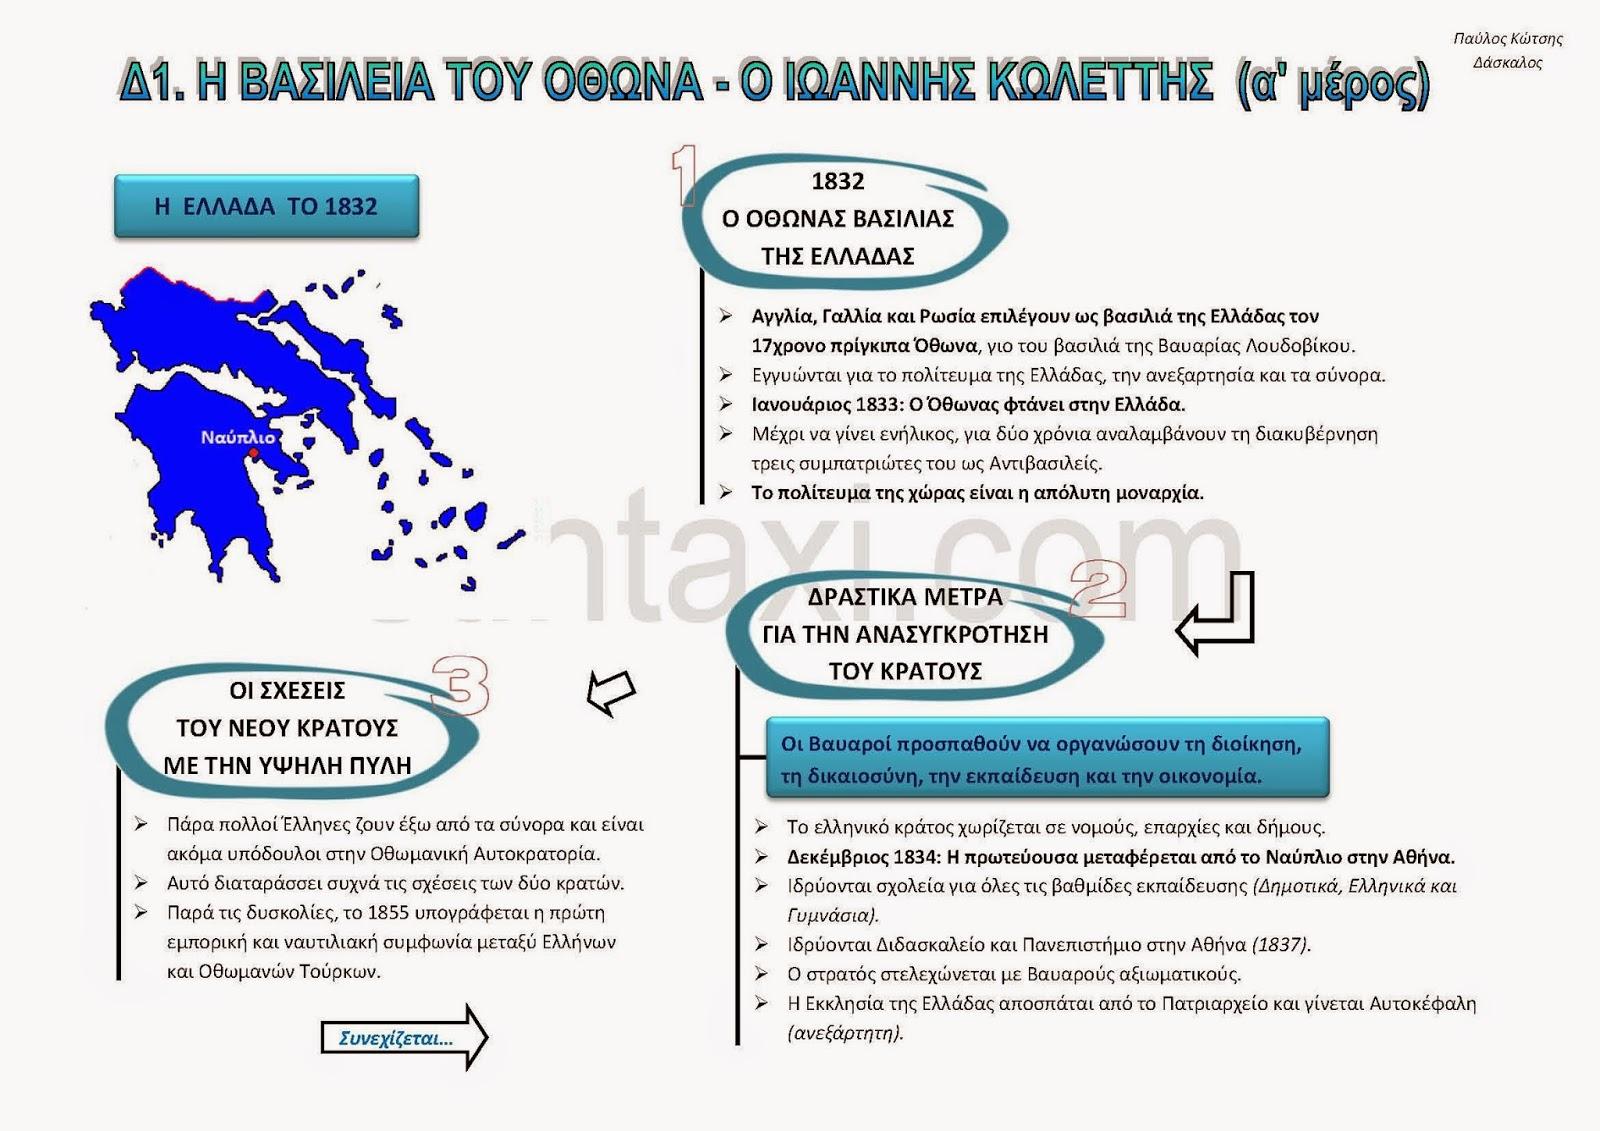 http://www.stintaxi.com/uploads/1/3/1/0/13100858/d1a-othonas-kolettis-v2.1.pdf